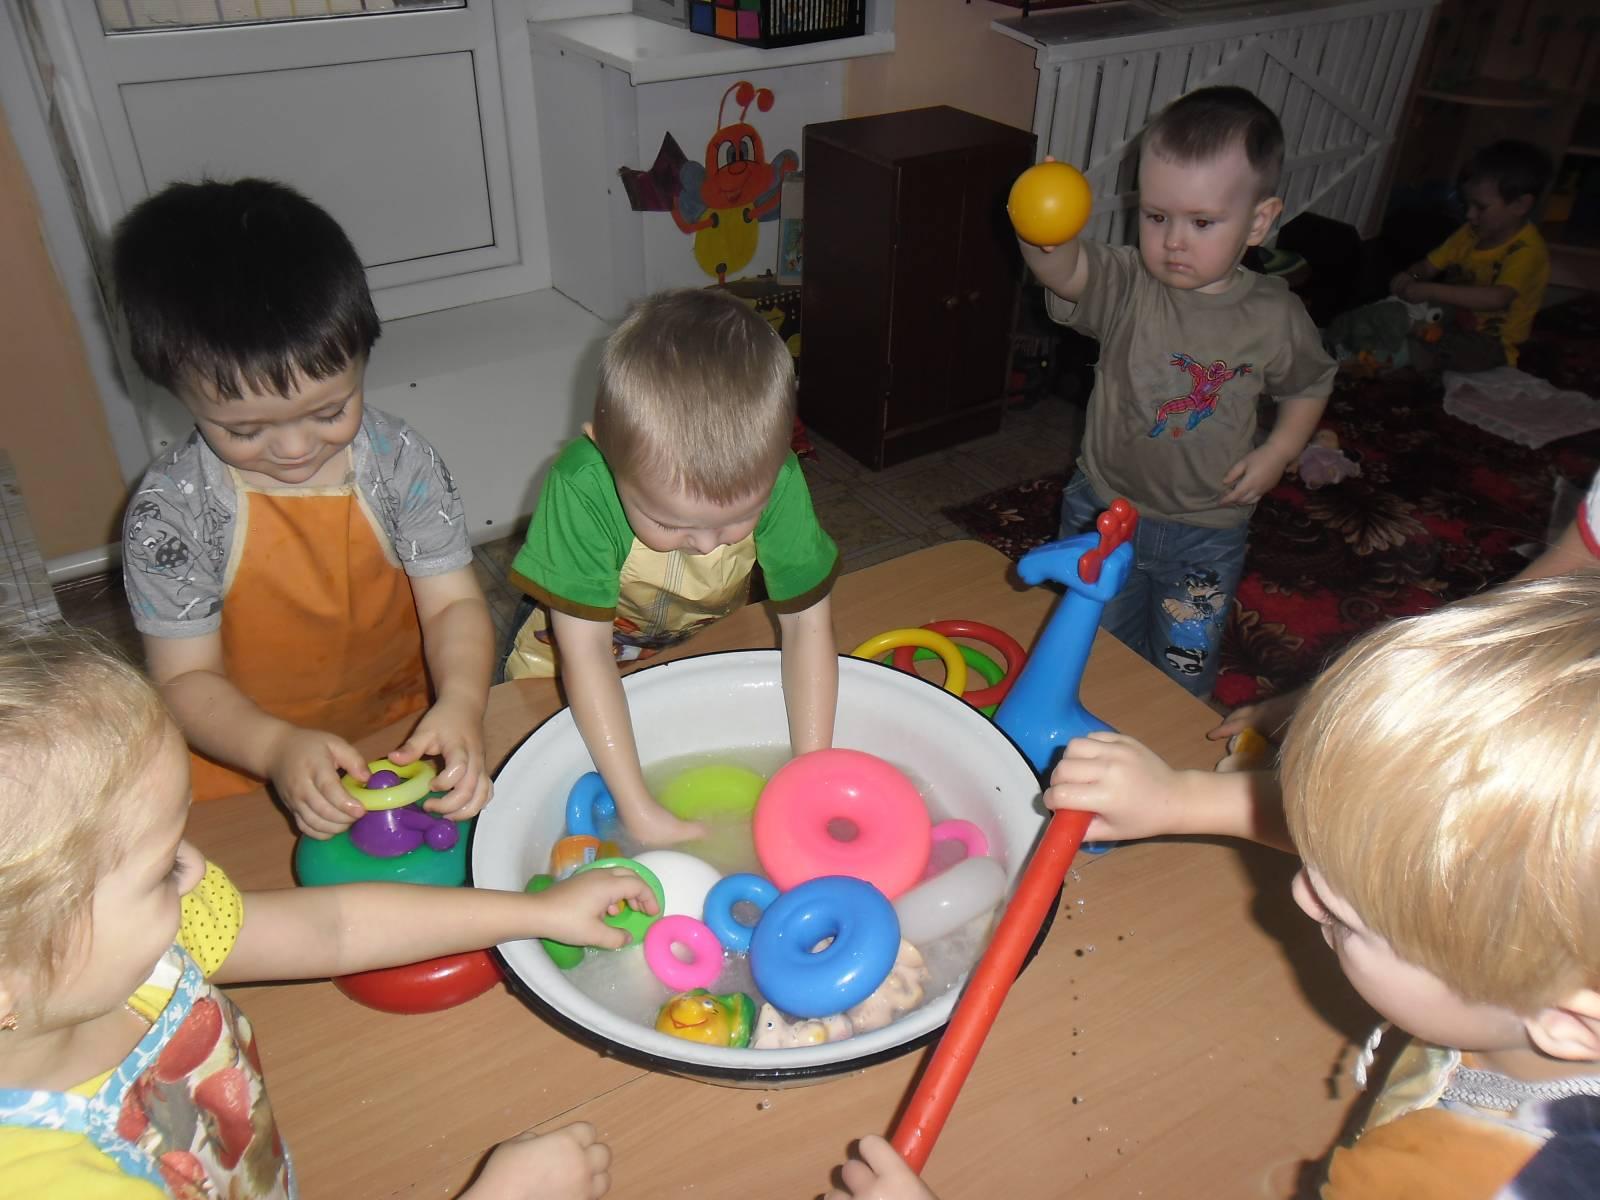 Фото детей в детском саду с игрушками